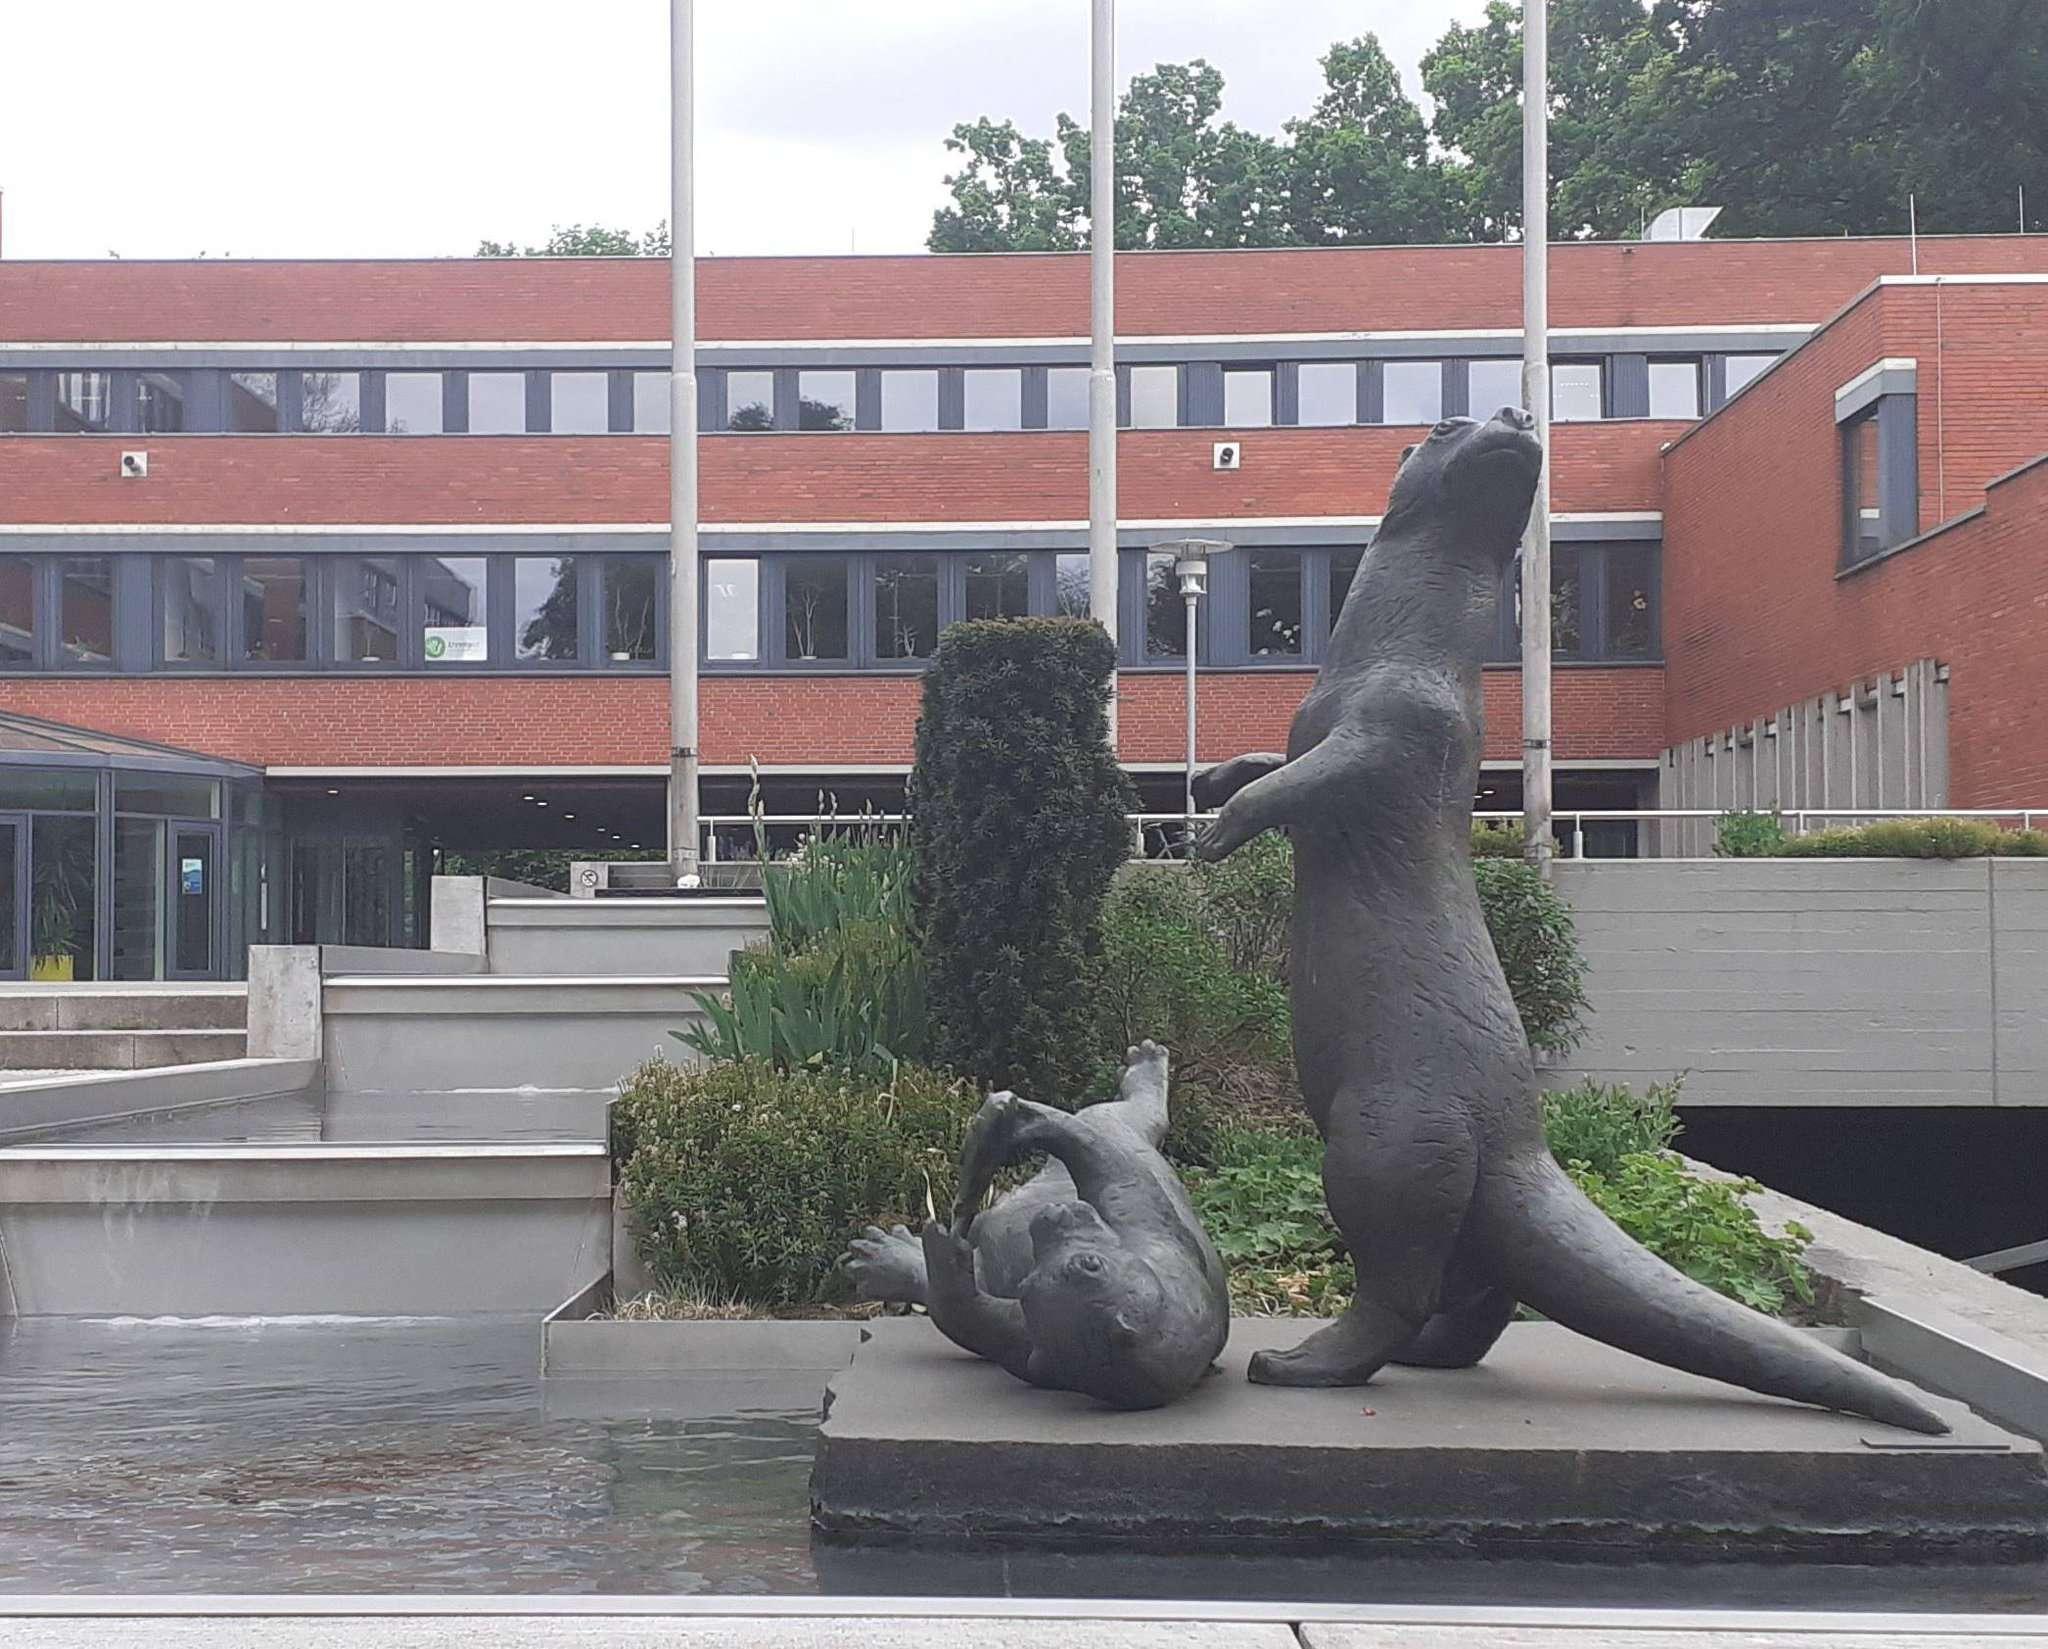 Das Kreishaus in Rotenburg: Die Verantwortlichen des Landkreises sehen die erste Corona-Welle als weitstgehend überstanden an. Foto: Jens Lou00ebs